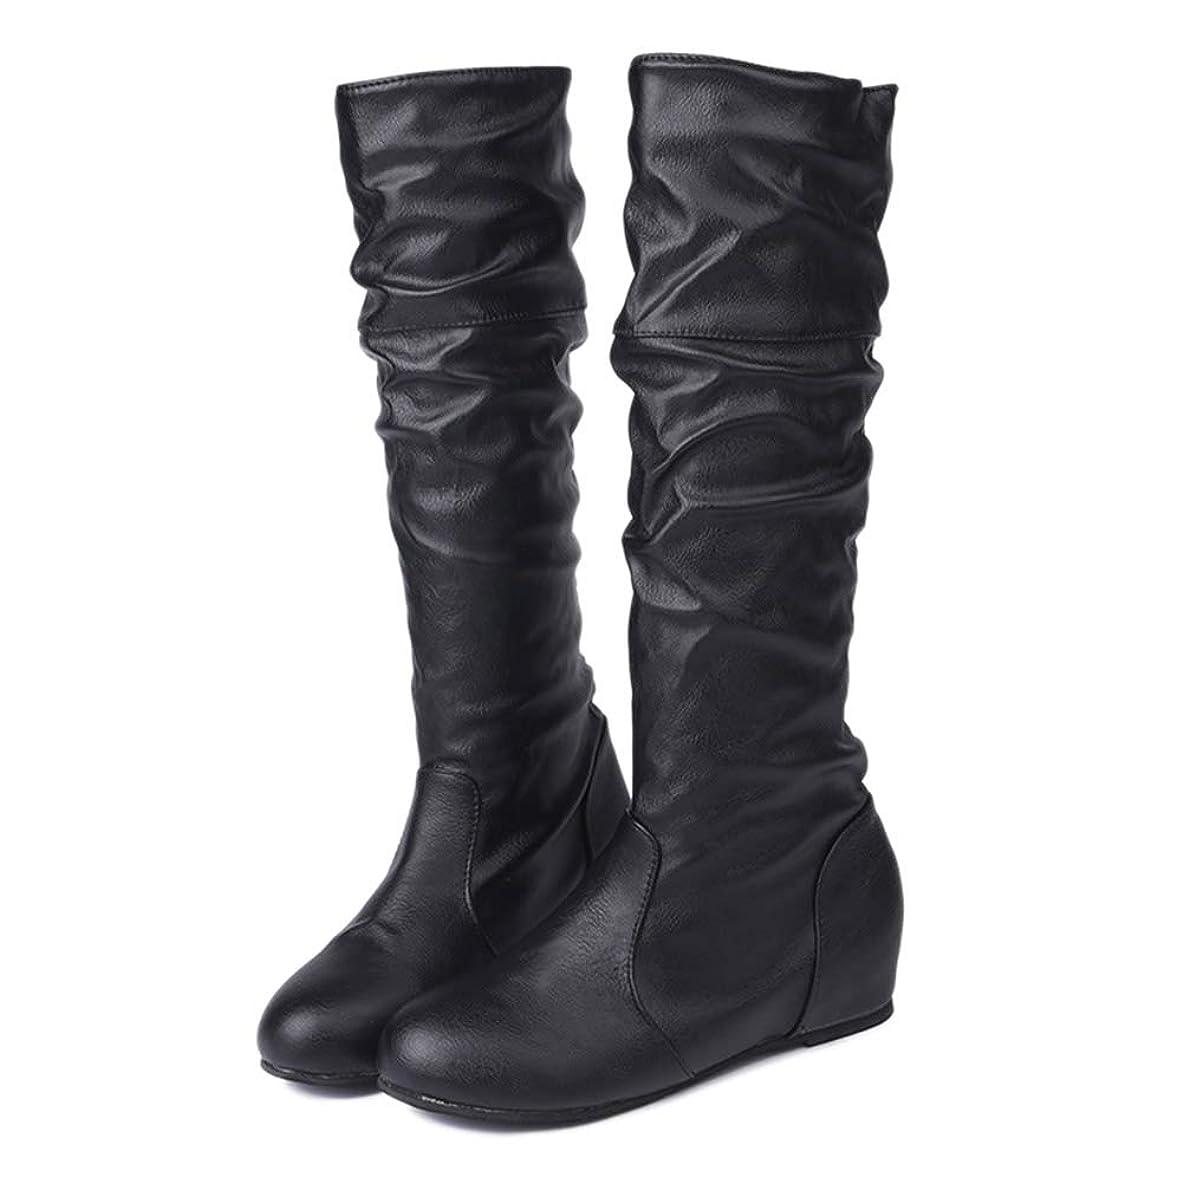 前書き視線療法[ファッション メーカ] ロングブーツ レディース 無地 インヒール 長靴 美脚 PU革 フェイクレザー カジュアル おしゃれ 歩きやすい 黒 大きいサイズ